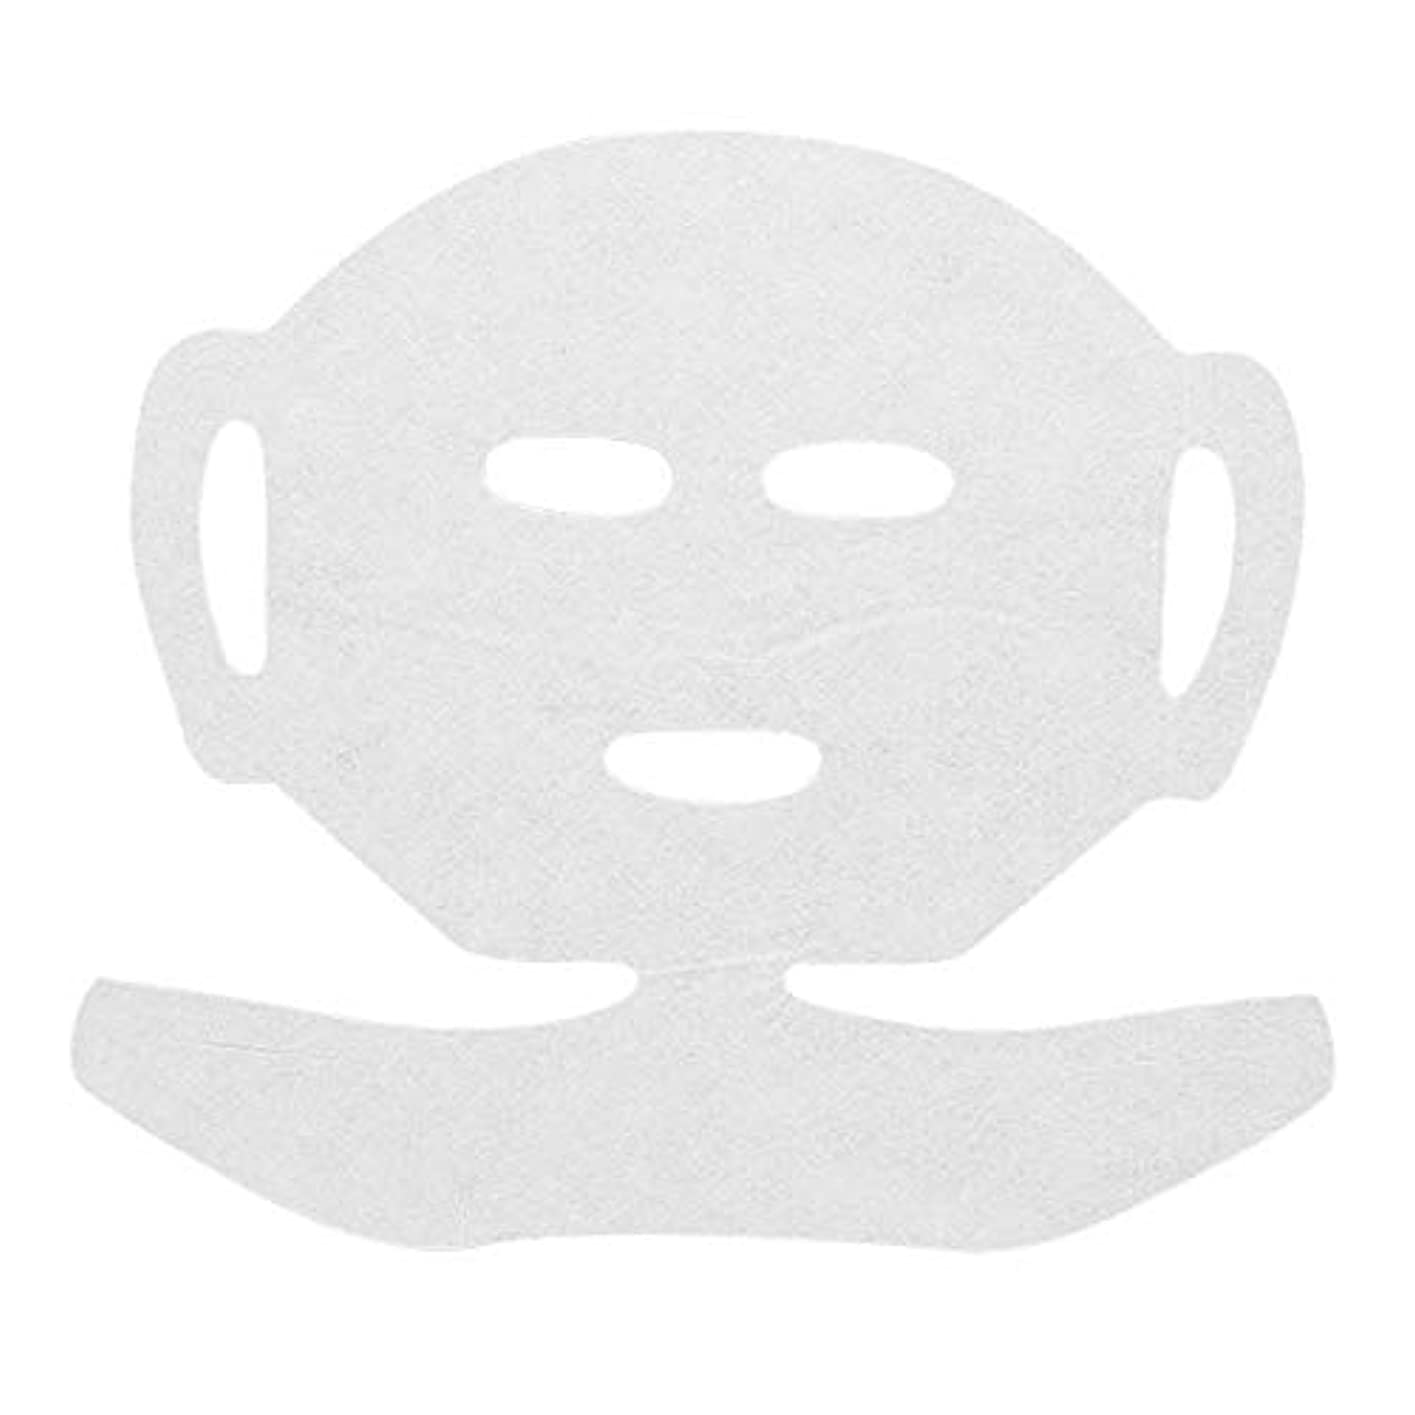 取得する学習被る高保水 フェイシャルシート (マスクタイプネック付き 化粧水無し) 80枚 29×20cm [ フェイスマスク フェイスシート フェイスパック フェイシャルマスク シートマスク フェイシャルシート フェイシャルパック ローションマスク ローションパック ]